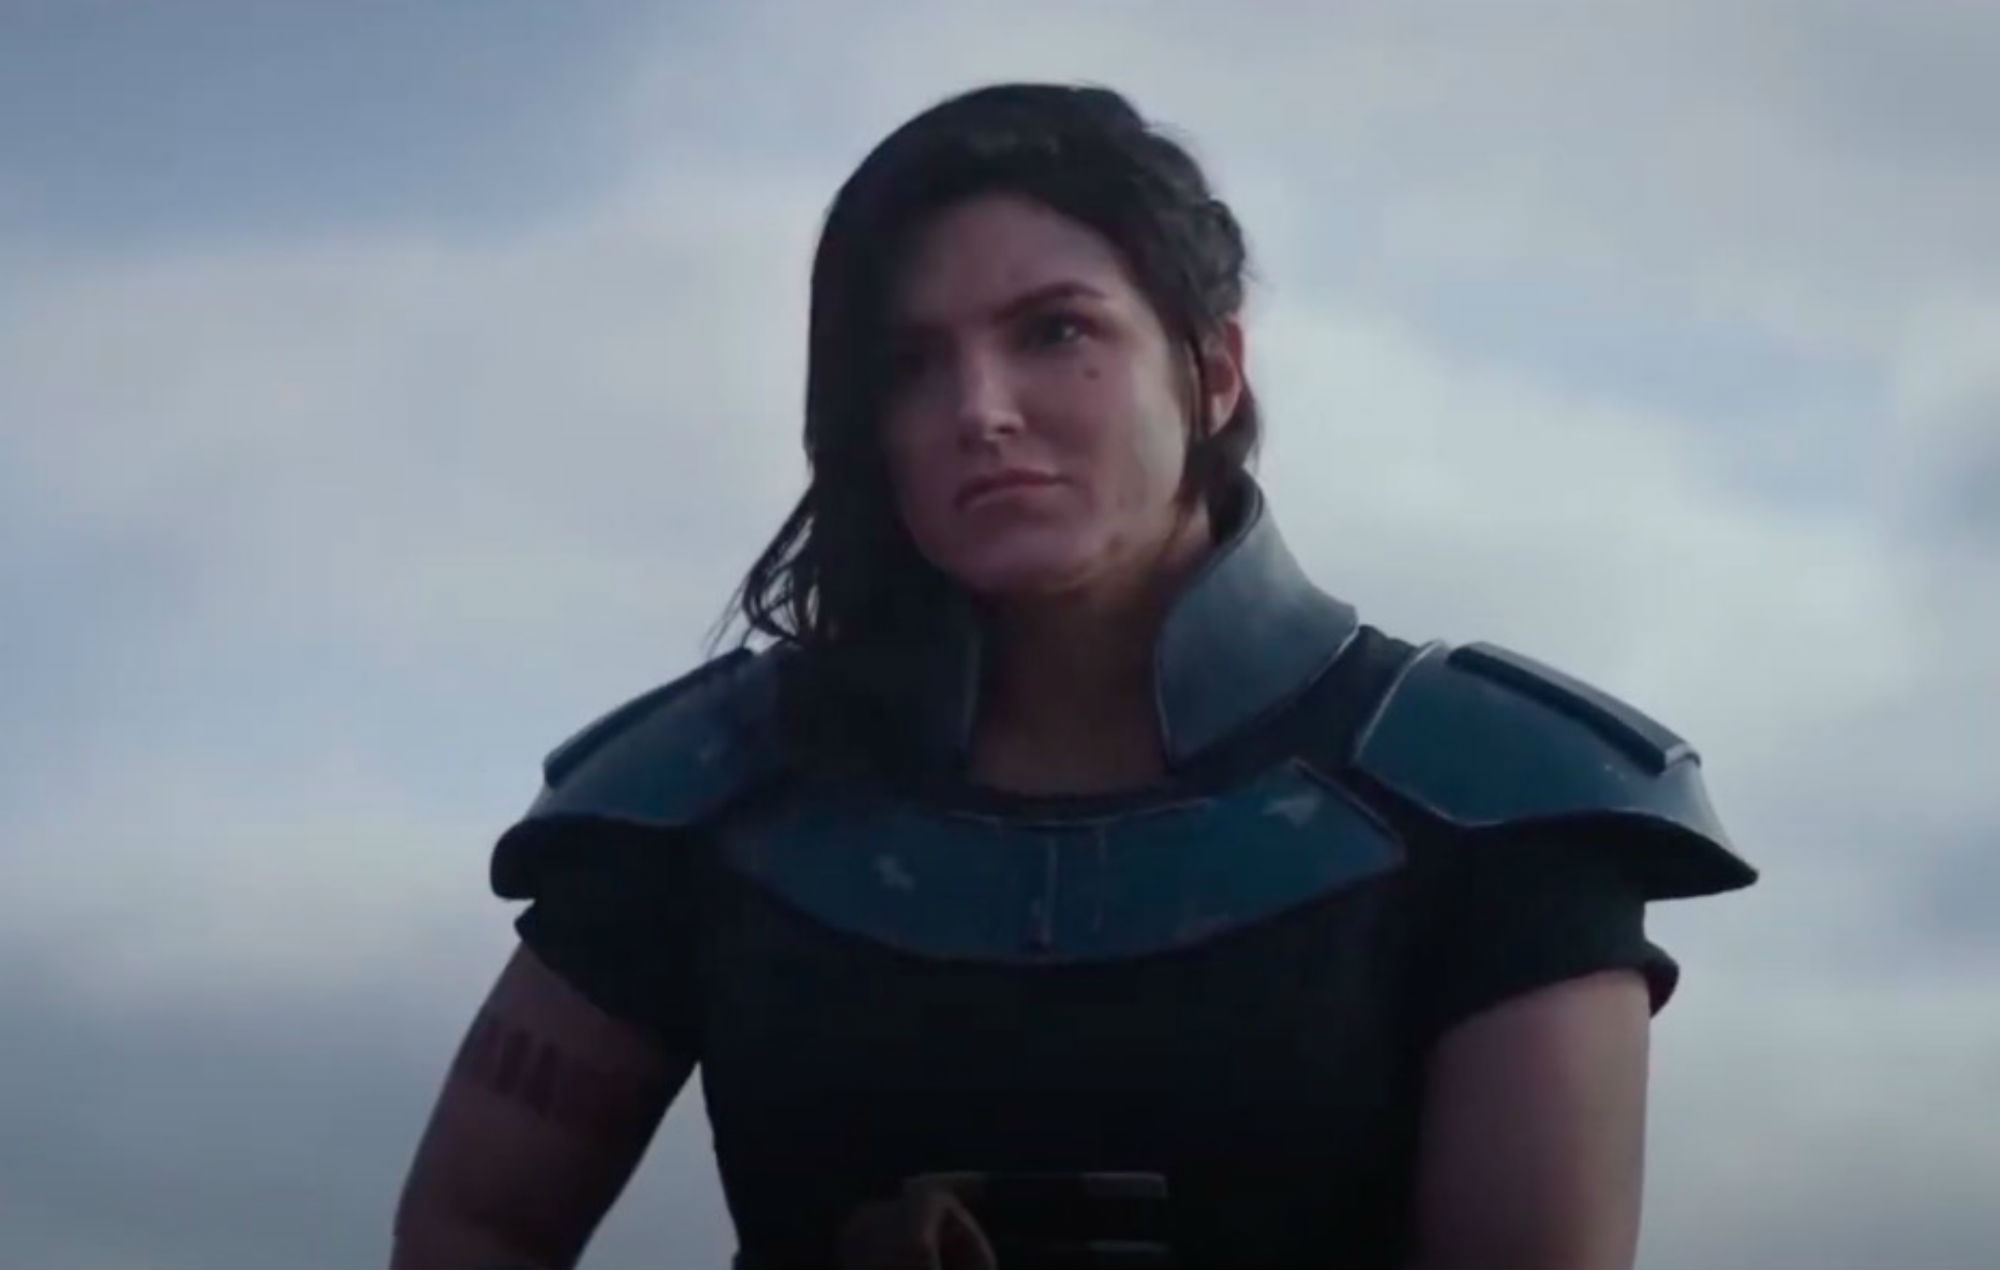 'The Mandalorian' might recast Cara Dune after Gina Carano firing